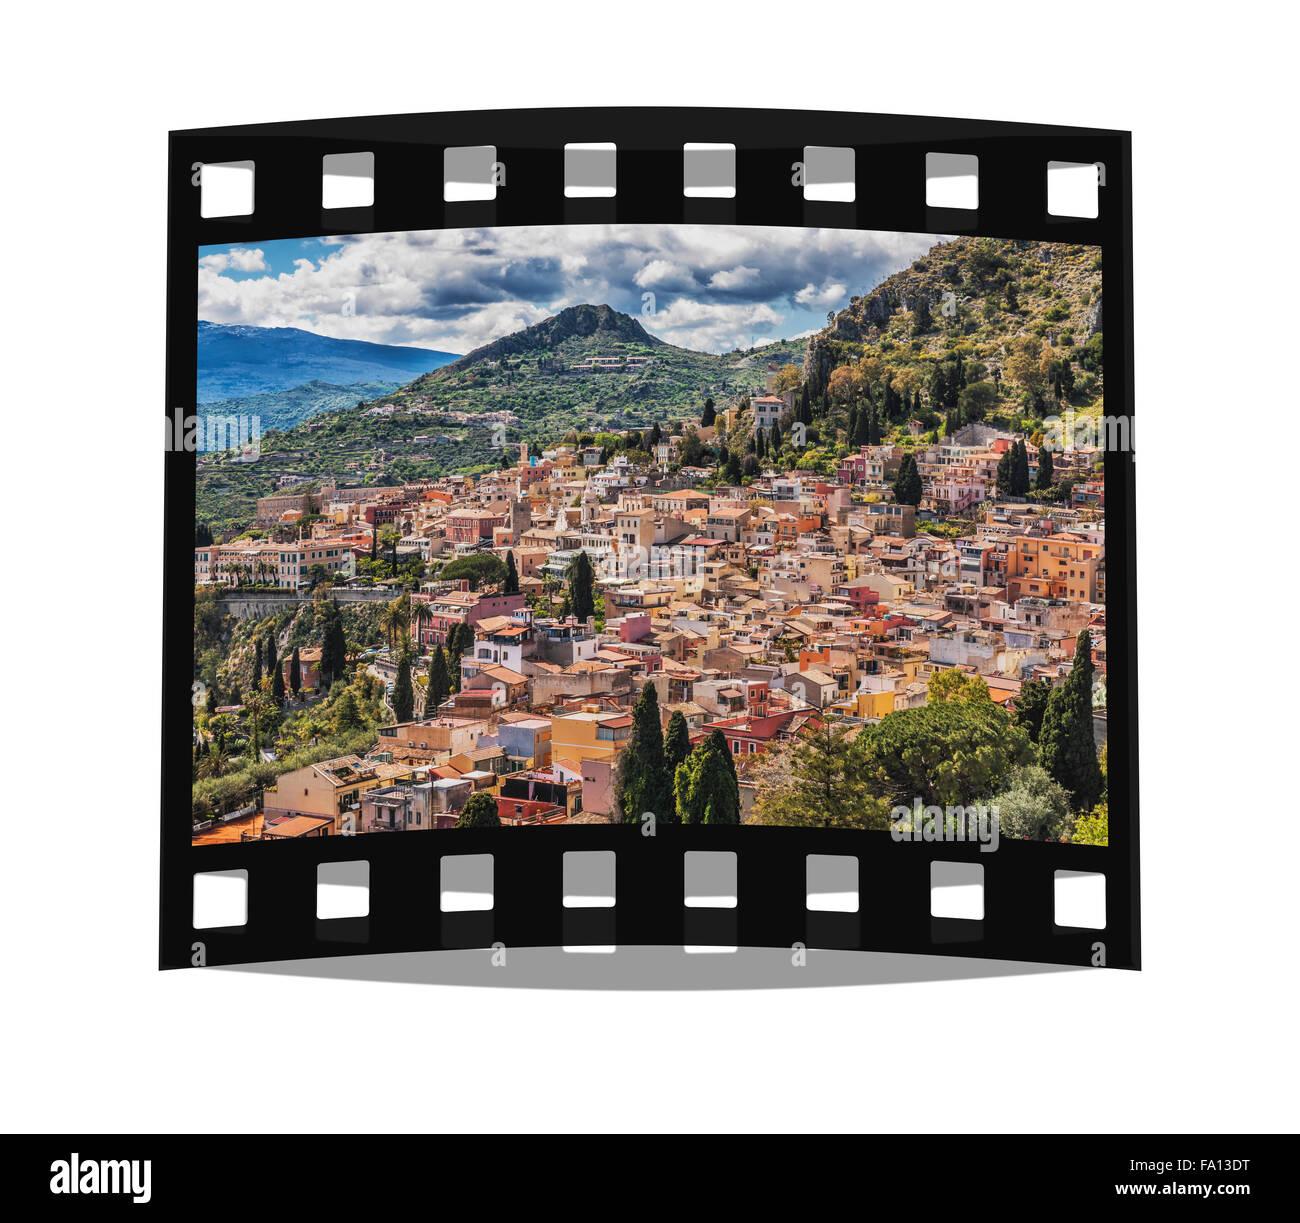 Aussicht auf die Stadt Taormina. Taormina befindet sich an der Ostküste Siziliens am Berg Monte Tauro, - Stock Image